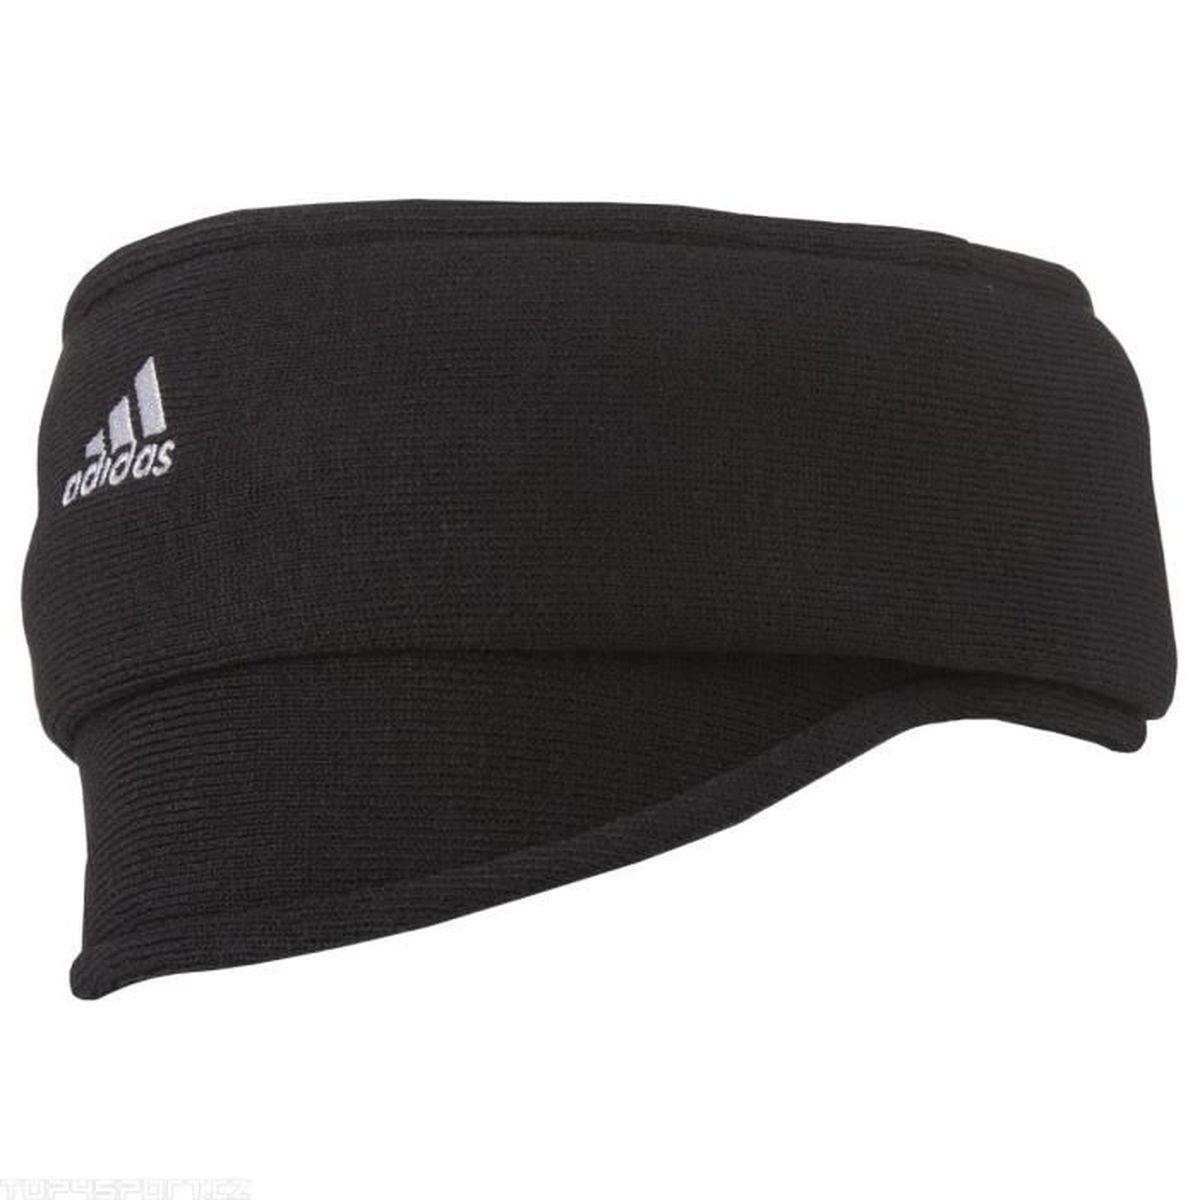 9412f60d9981 Adidas Cache-cou Team Noir Blanc Noir Noir Blanc - Achat   Vente bandeau de  sport 4051941227120 - Cdiscount